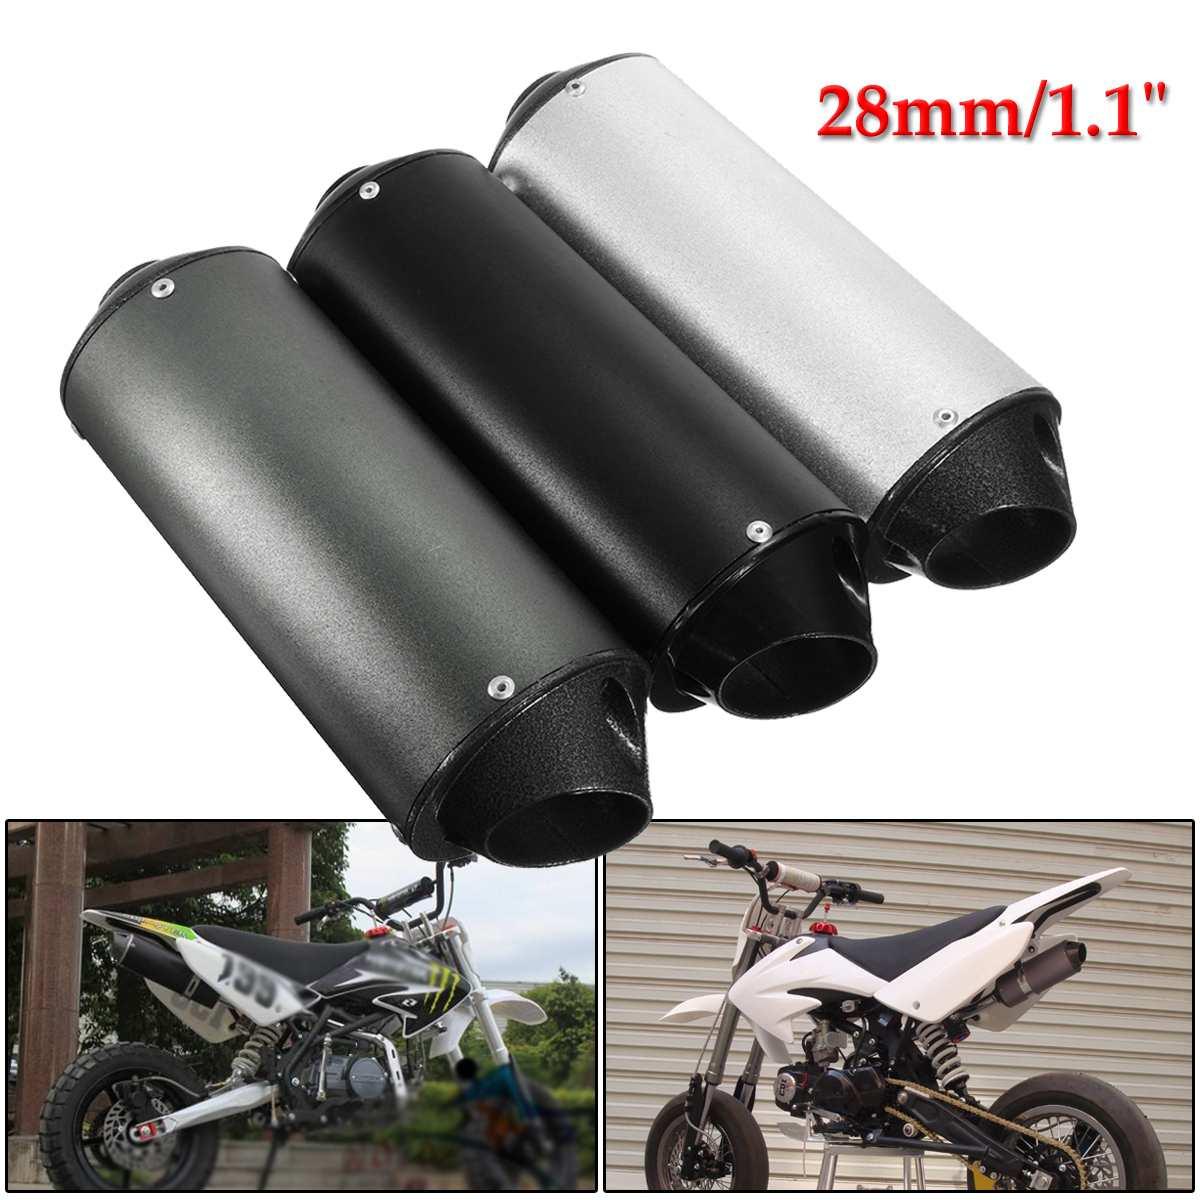 28mm Motorrad Schalldämpfer Auspuffrohr Schalldämpfer 50cc 110cc 125cc Dirt Pit Rro Quad Bike Atv Strukturelle Behinderungen